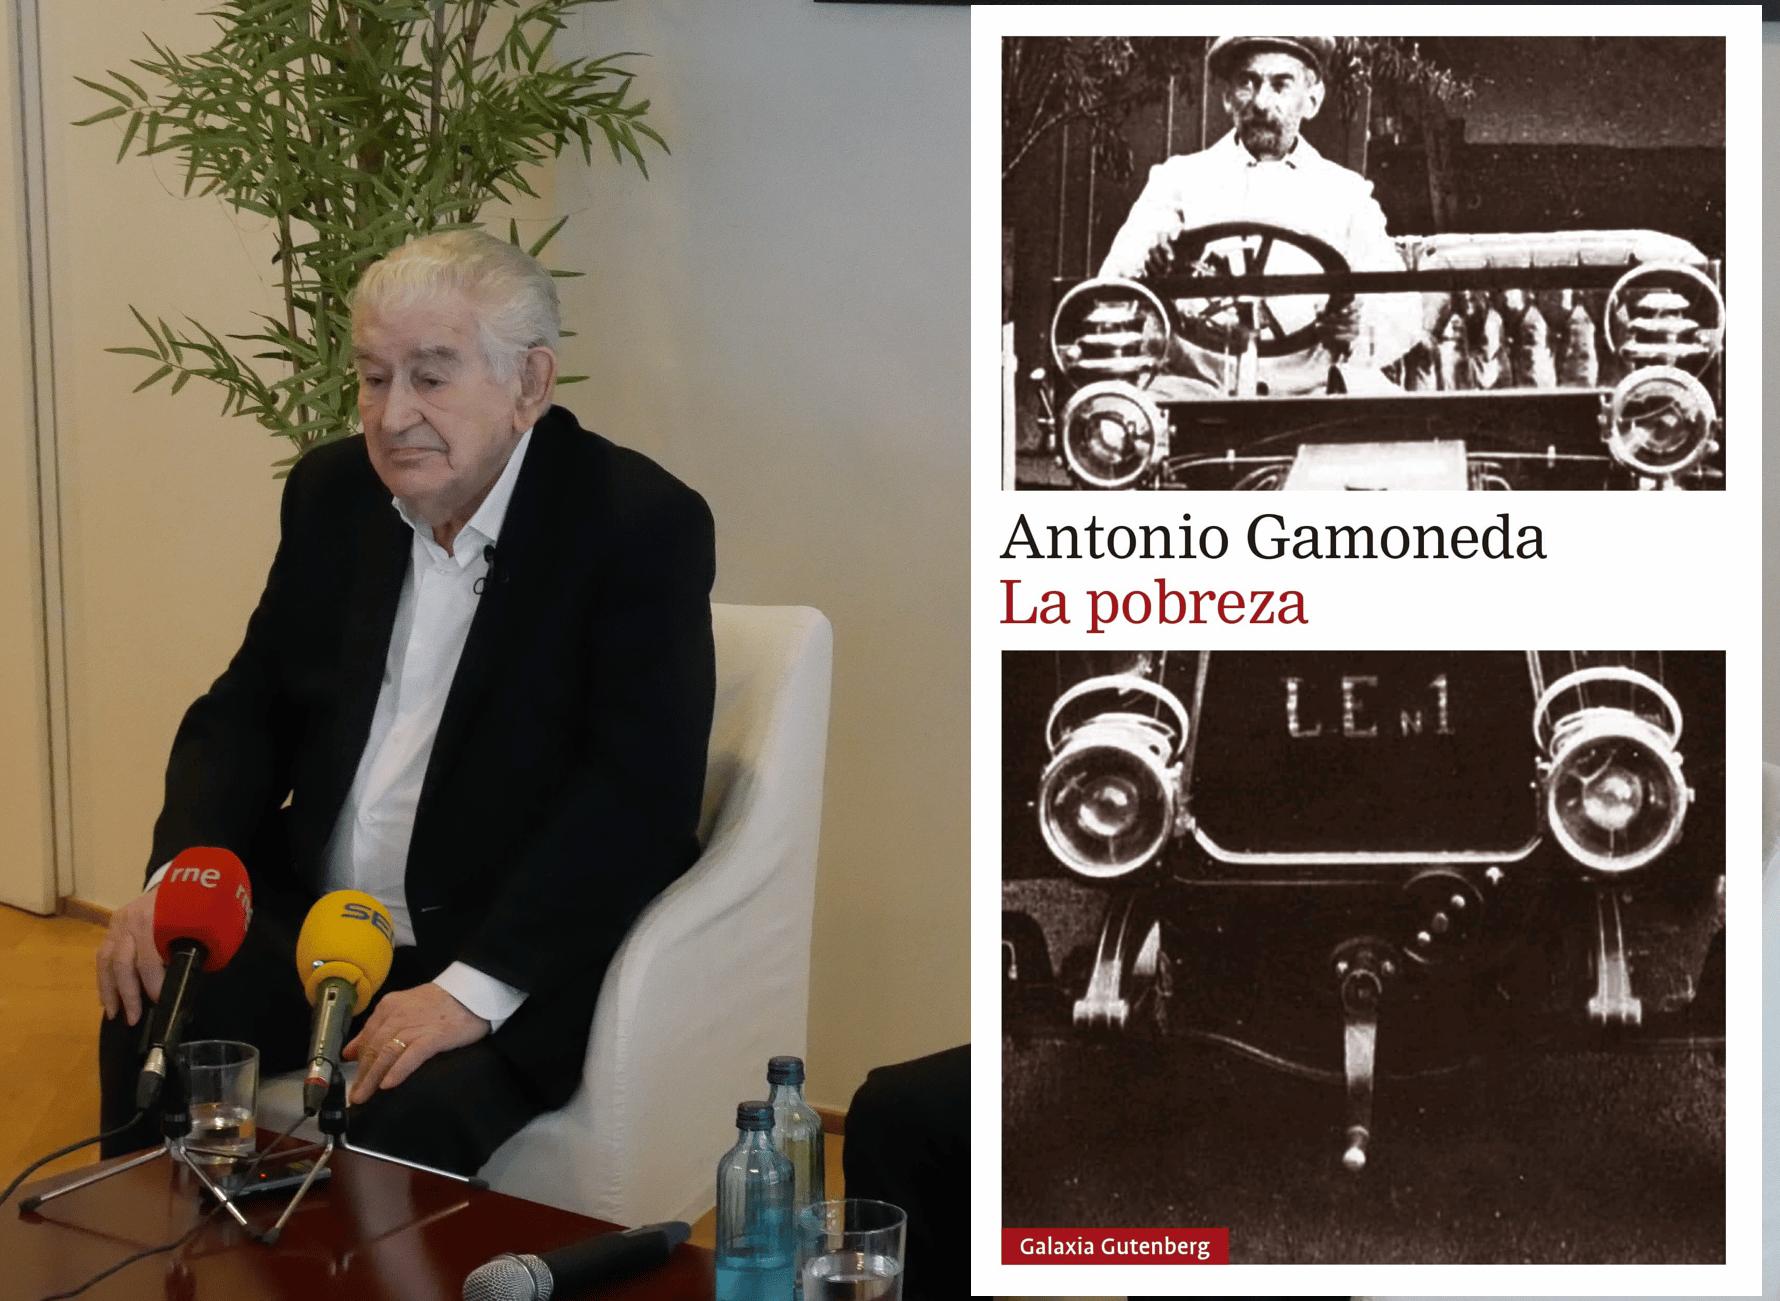 Antonio Gamoneda presenta la segunda parte de sus memorias: La pobreza